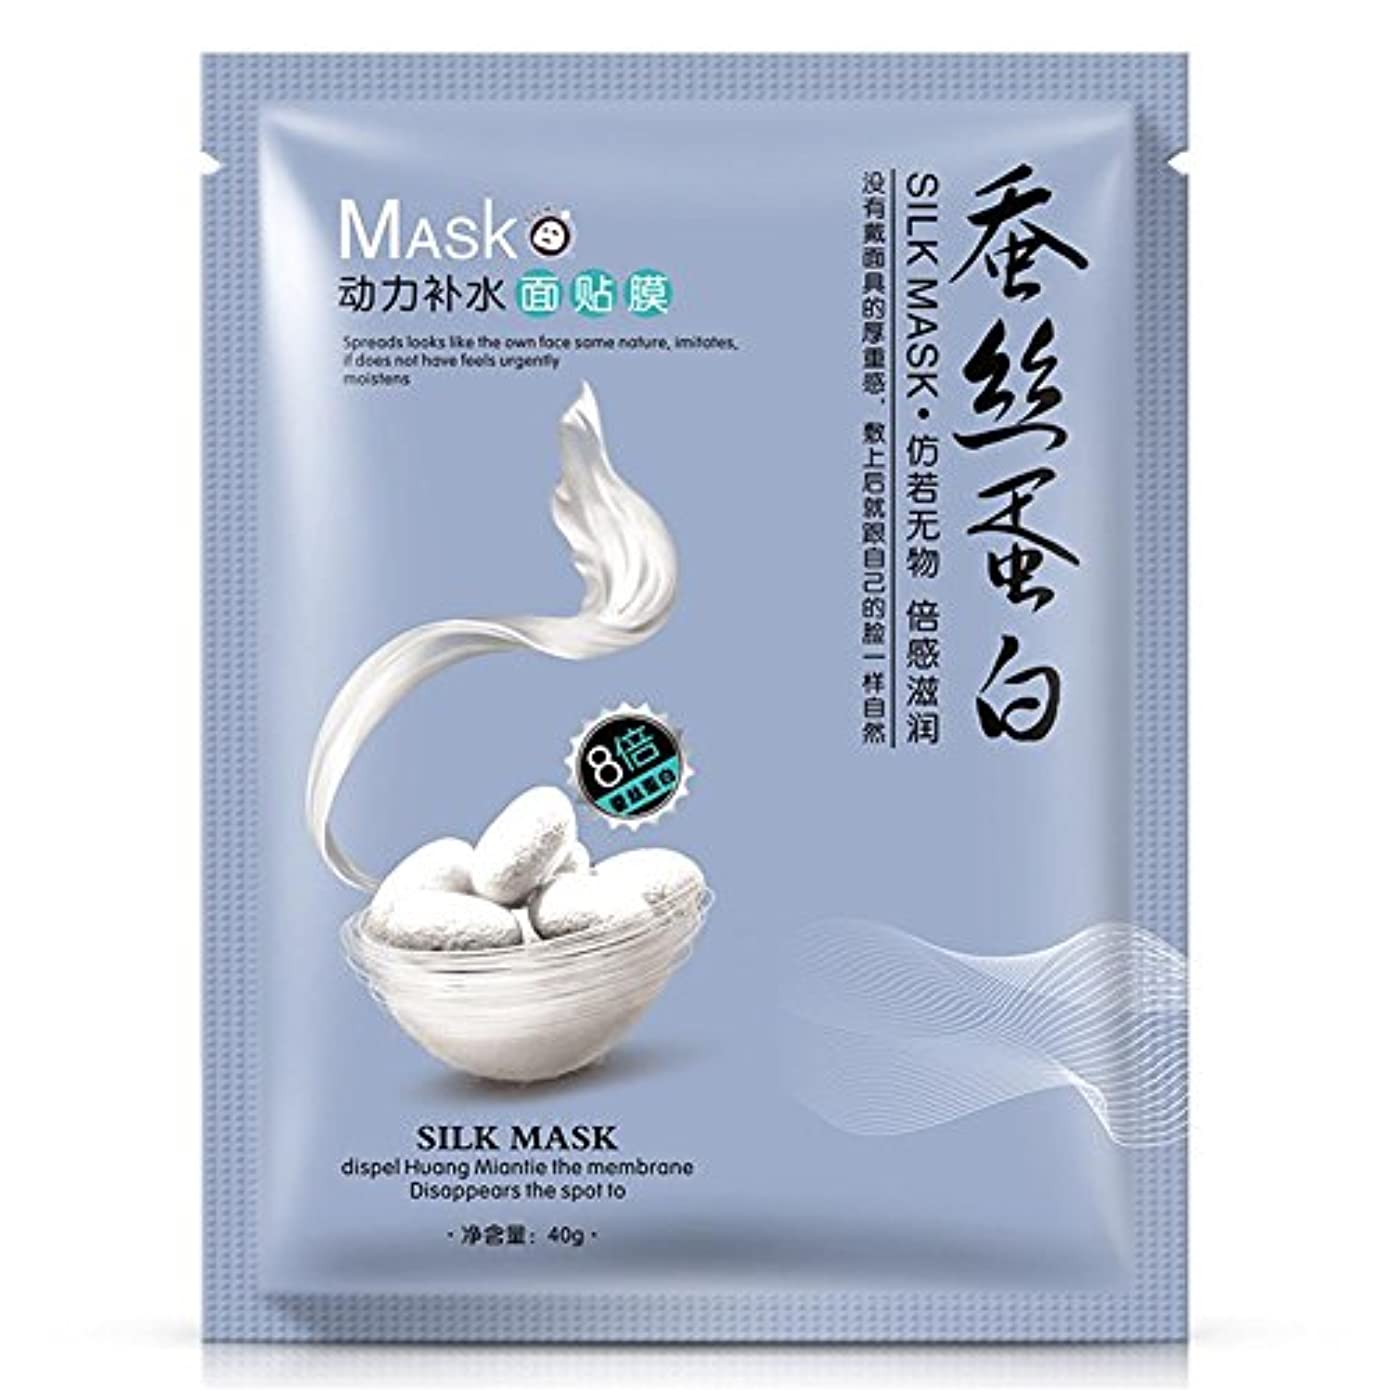 コカイン強風バラ色SILUN 1ピースワンスプリングシルクプロテイン保湿フェイシャルマスクオイルコントロールにきび除去ホワイトニング化粧品保湿フェイスマスク